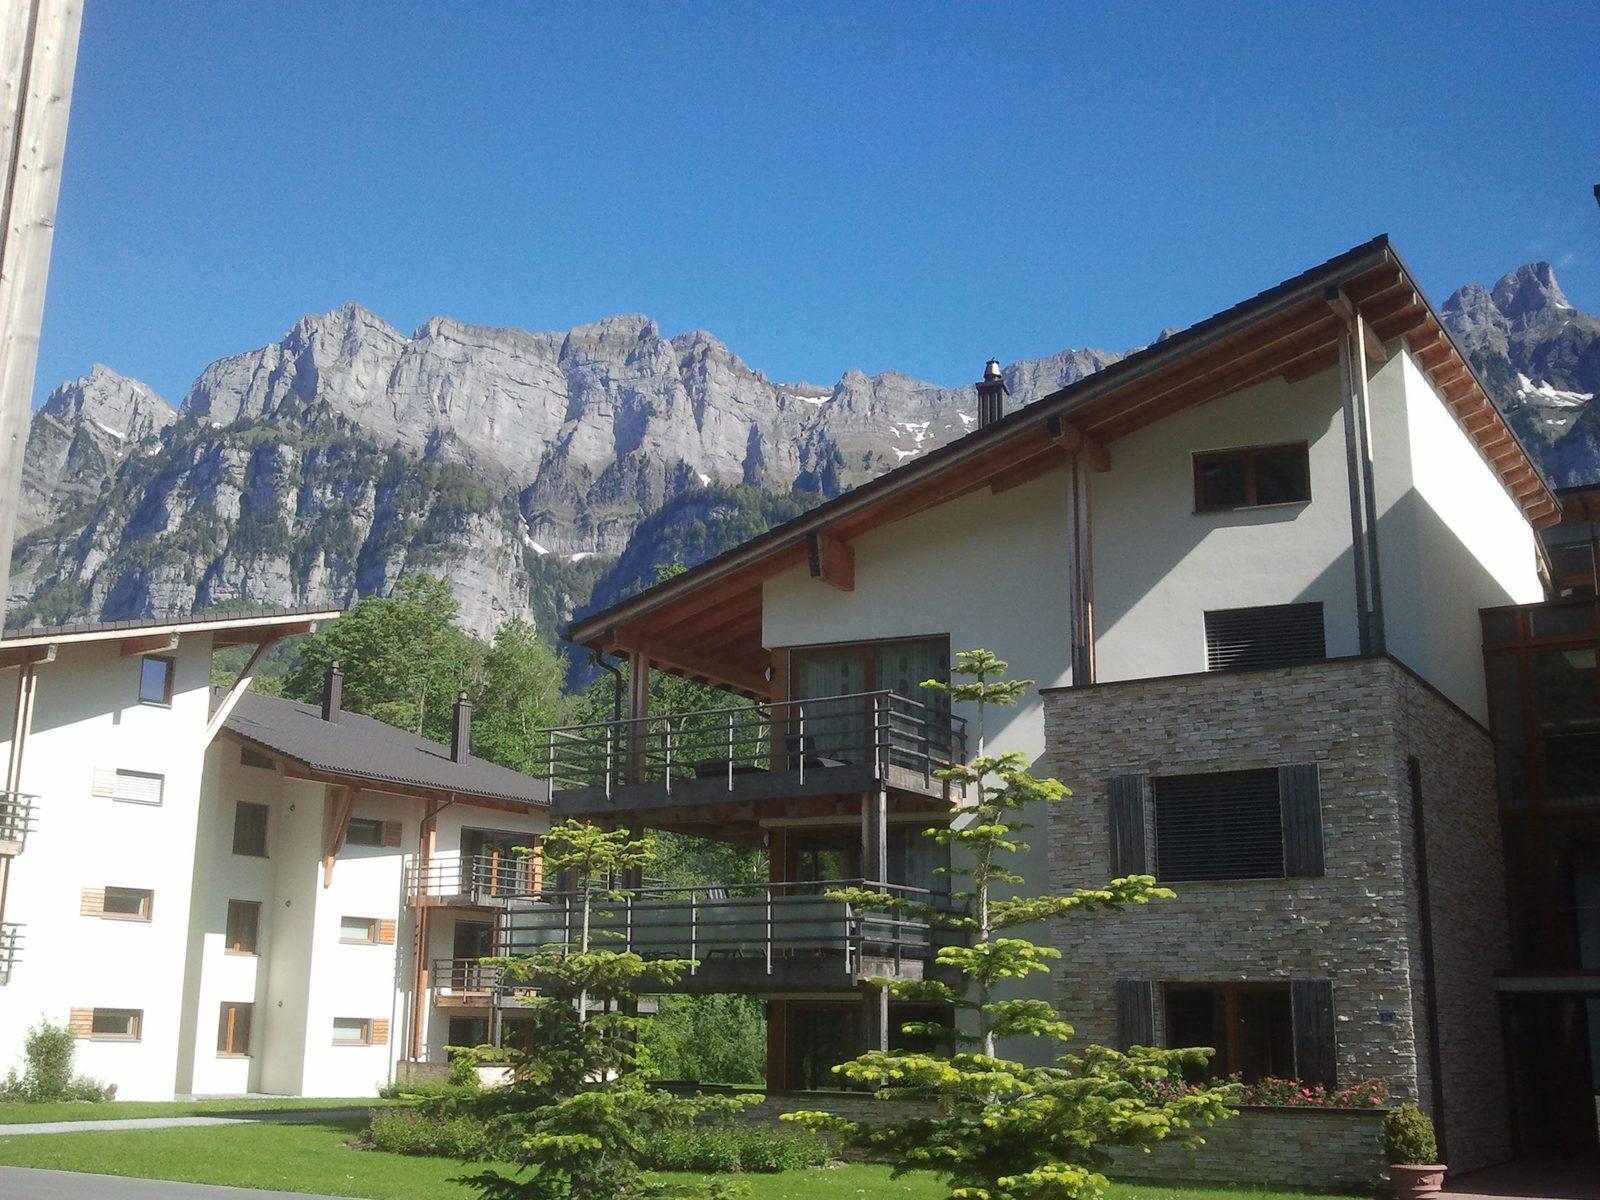 Apartments in Resort Walensee Heidiland Flumsberg Schweiz mit Ausblick über die Churfirsten, während der Maiferien